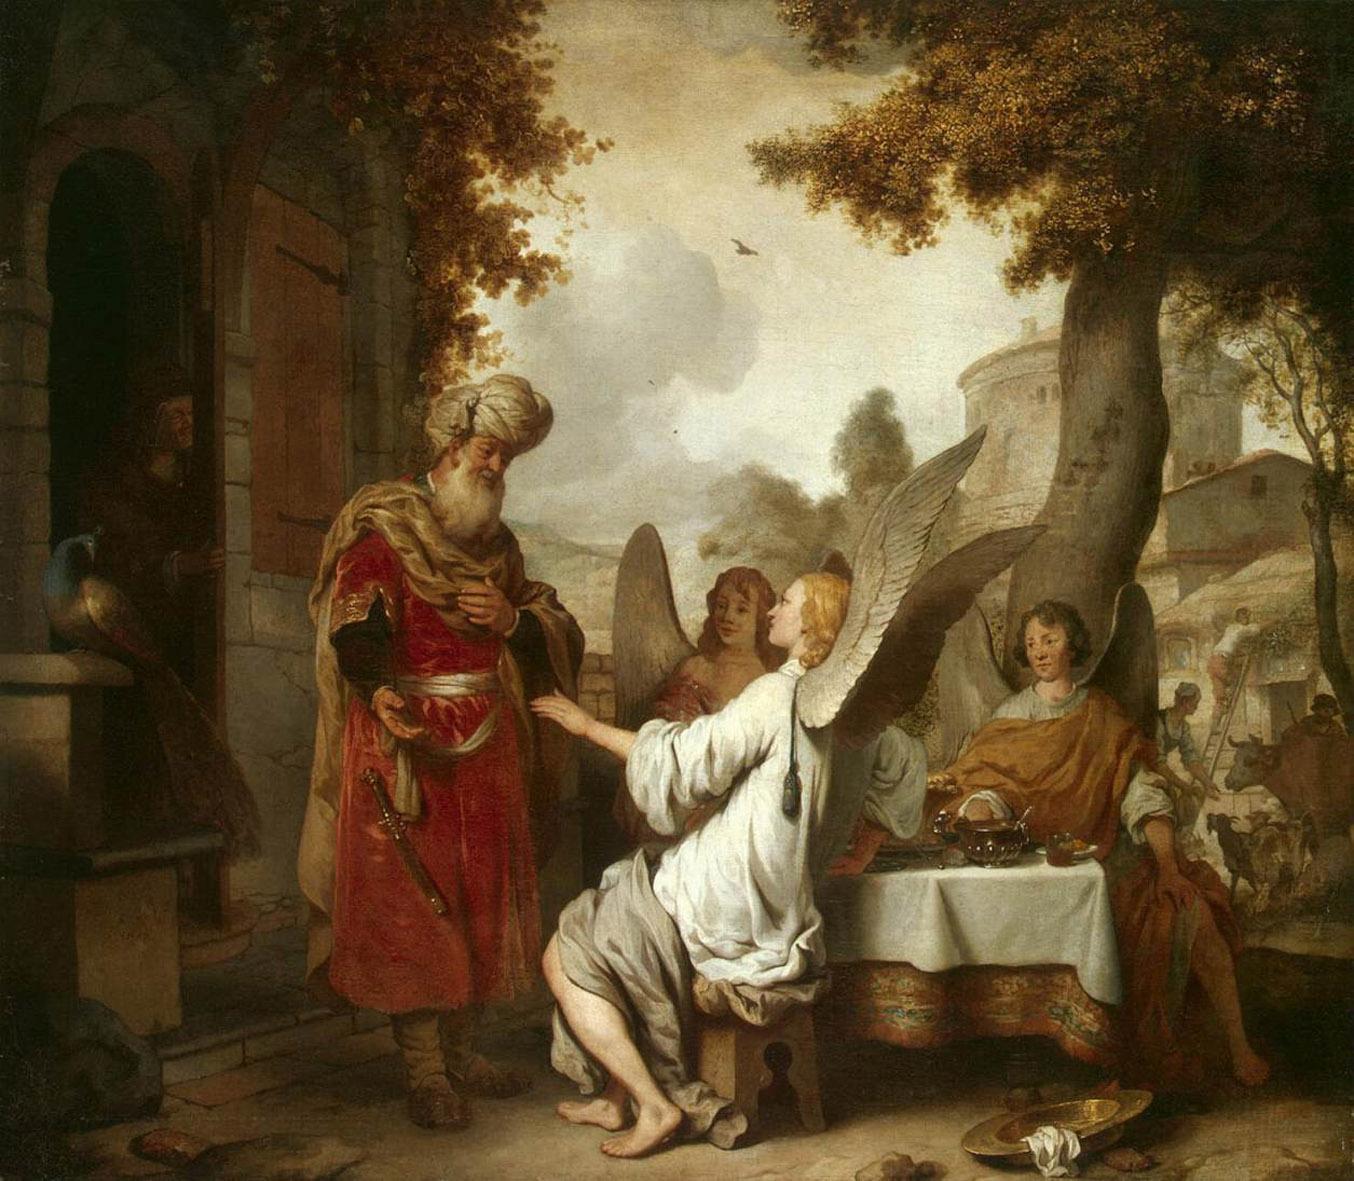 L'élection d'Abraham, une bénédiction pour tous? Avec Edouard Robberechts